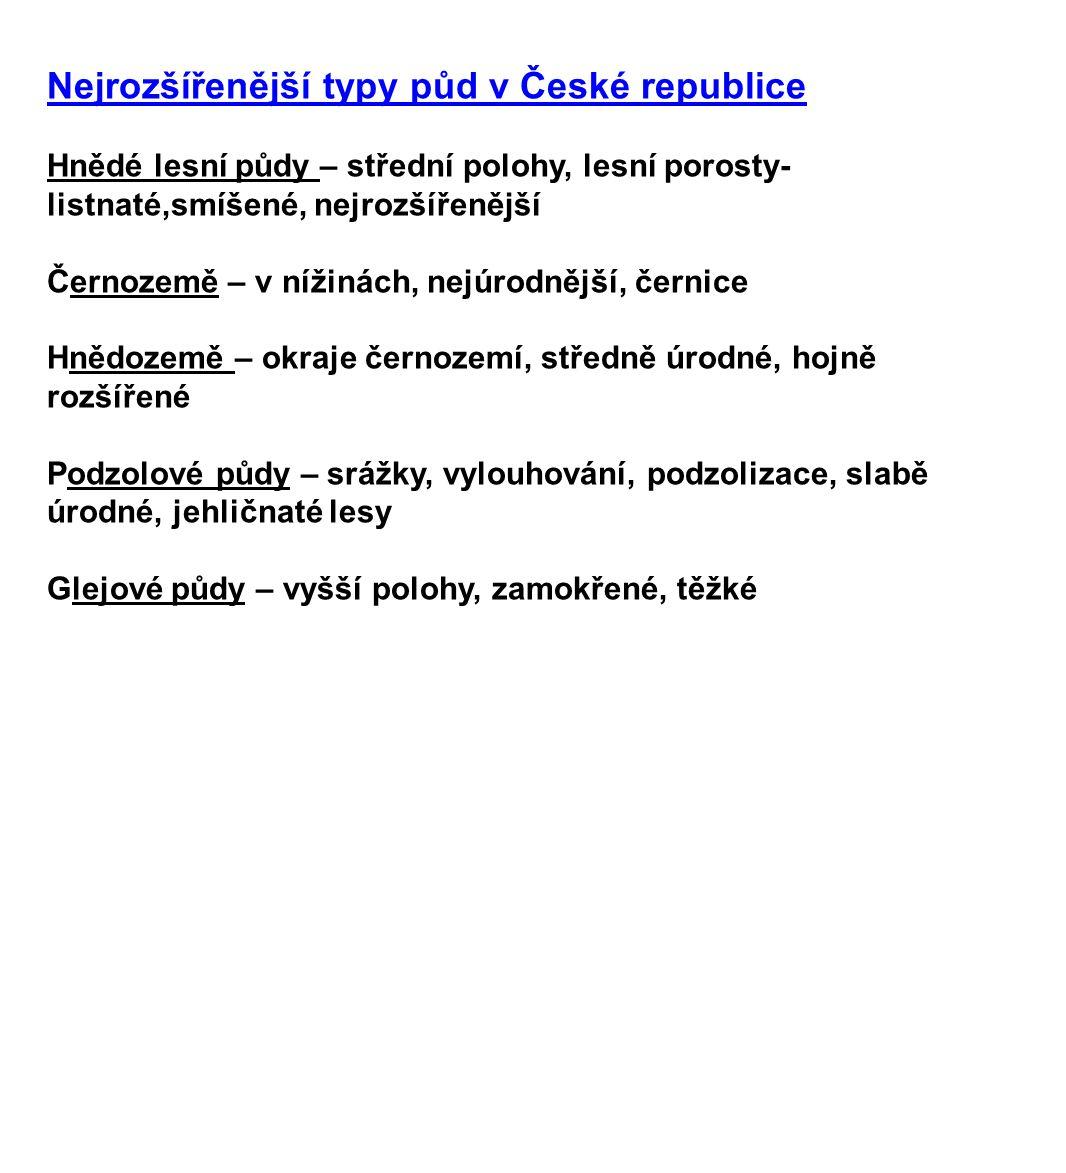 Nejrozšířenější typy půd v České republice Hnědé lesní půdy – střední polohy, lesní porosty- listnaté,smíšené, nejrozšířenější Černozemě – v nížinách,